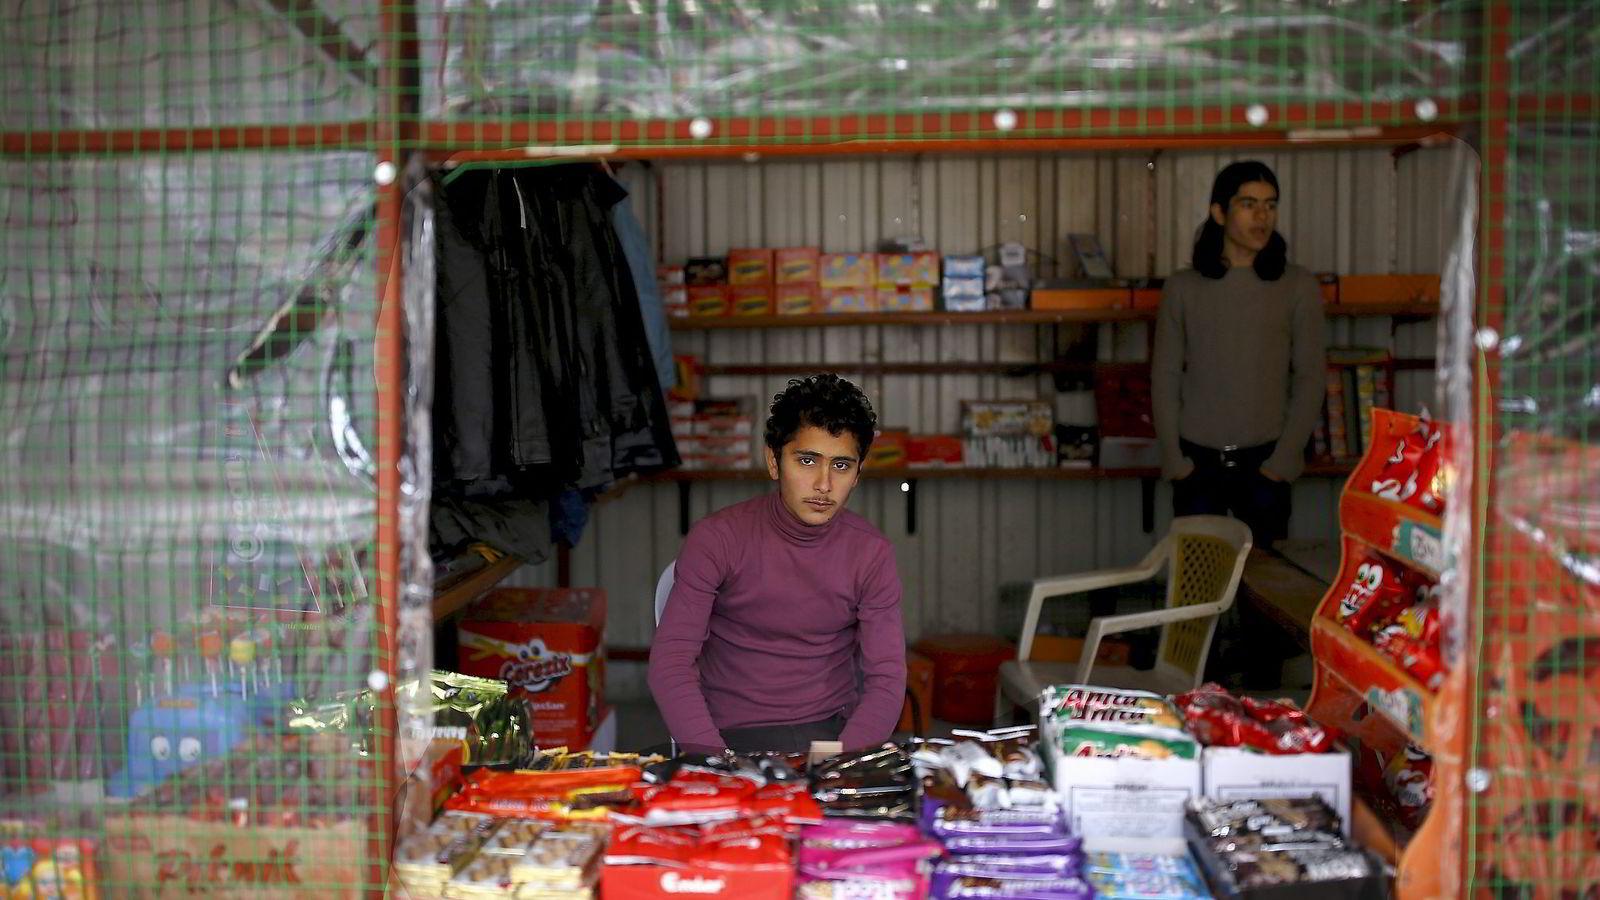 Semih Tumen fra den tyrkiske sentralbanken har konkludert med at flyktninger skaper flere arbeidsplasser for de lokale. Her fra en flyktningleir i Tyrkia, ved grensen til Syria. Foto: Umit Bektas, Reuters/NTB Scanpix